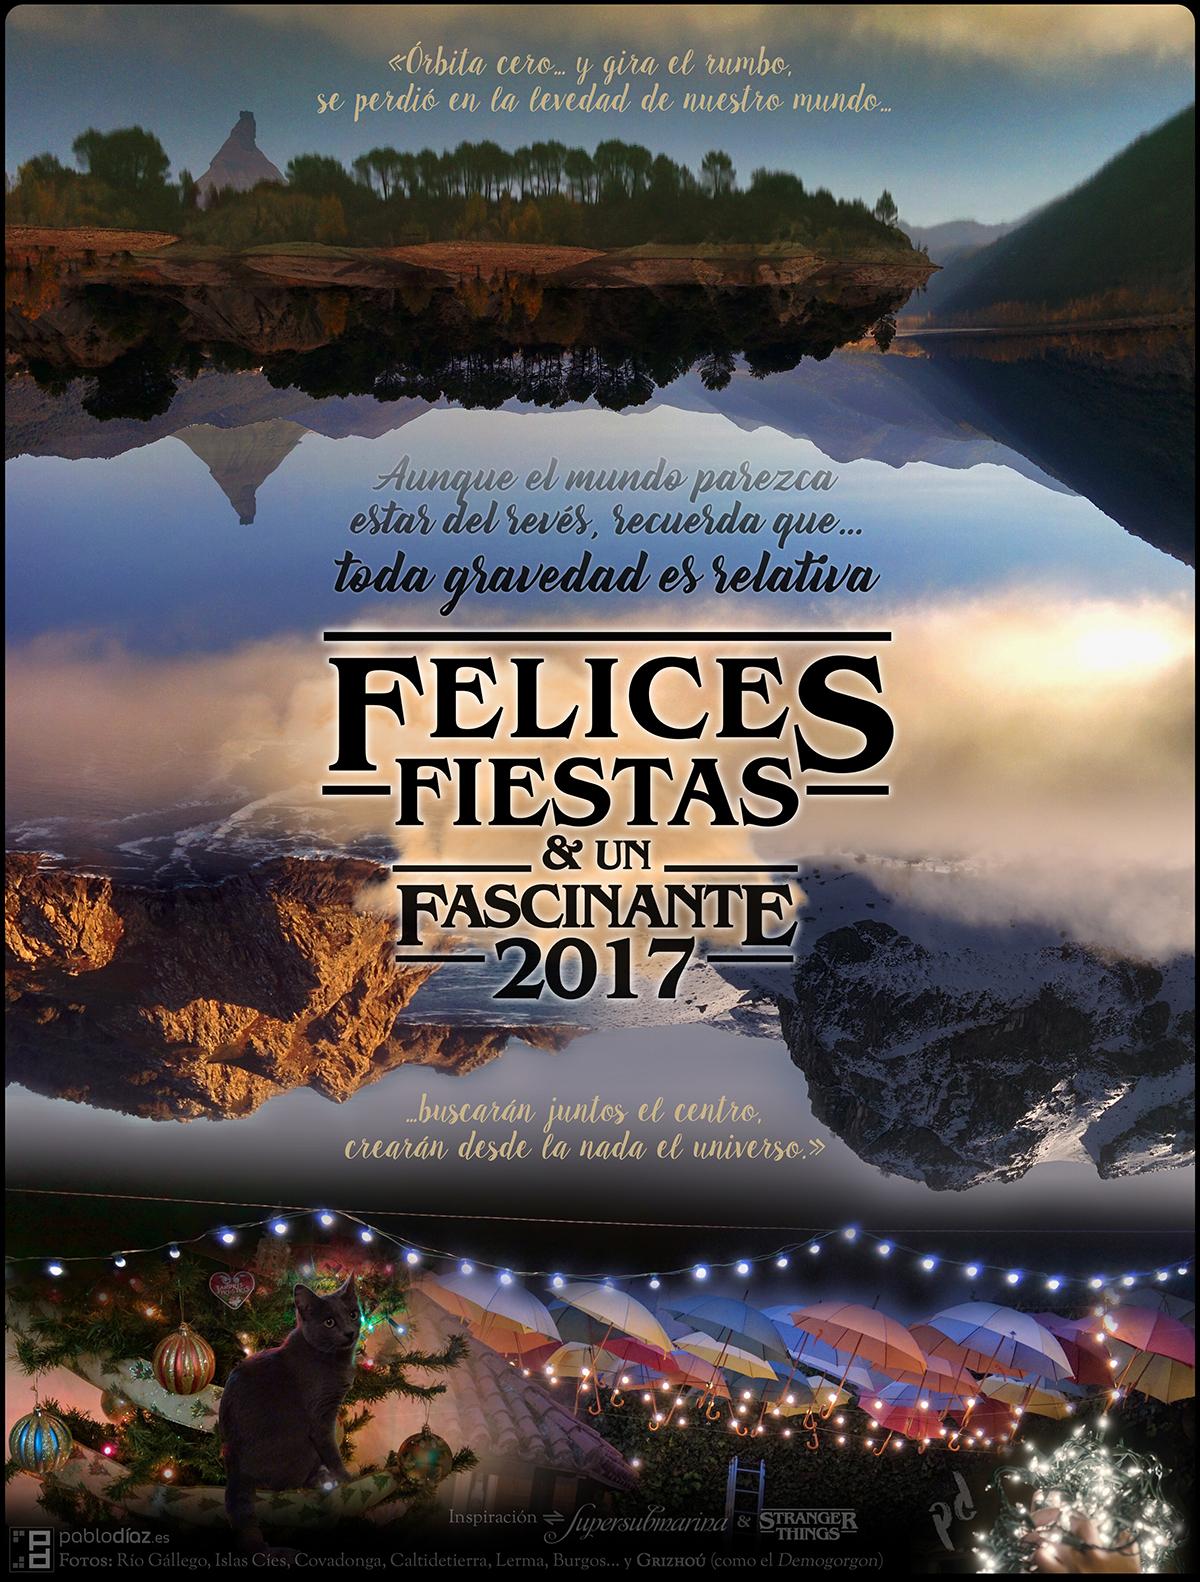 Felices Fiestas y un Fascinante 2017 - pablodíaz.es